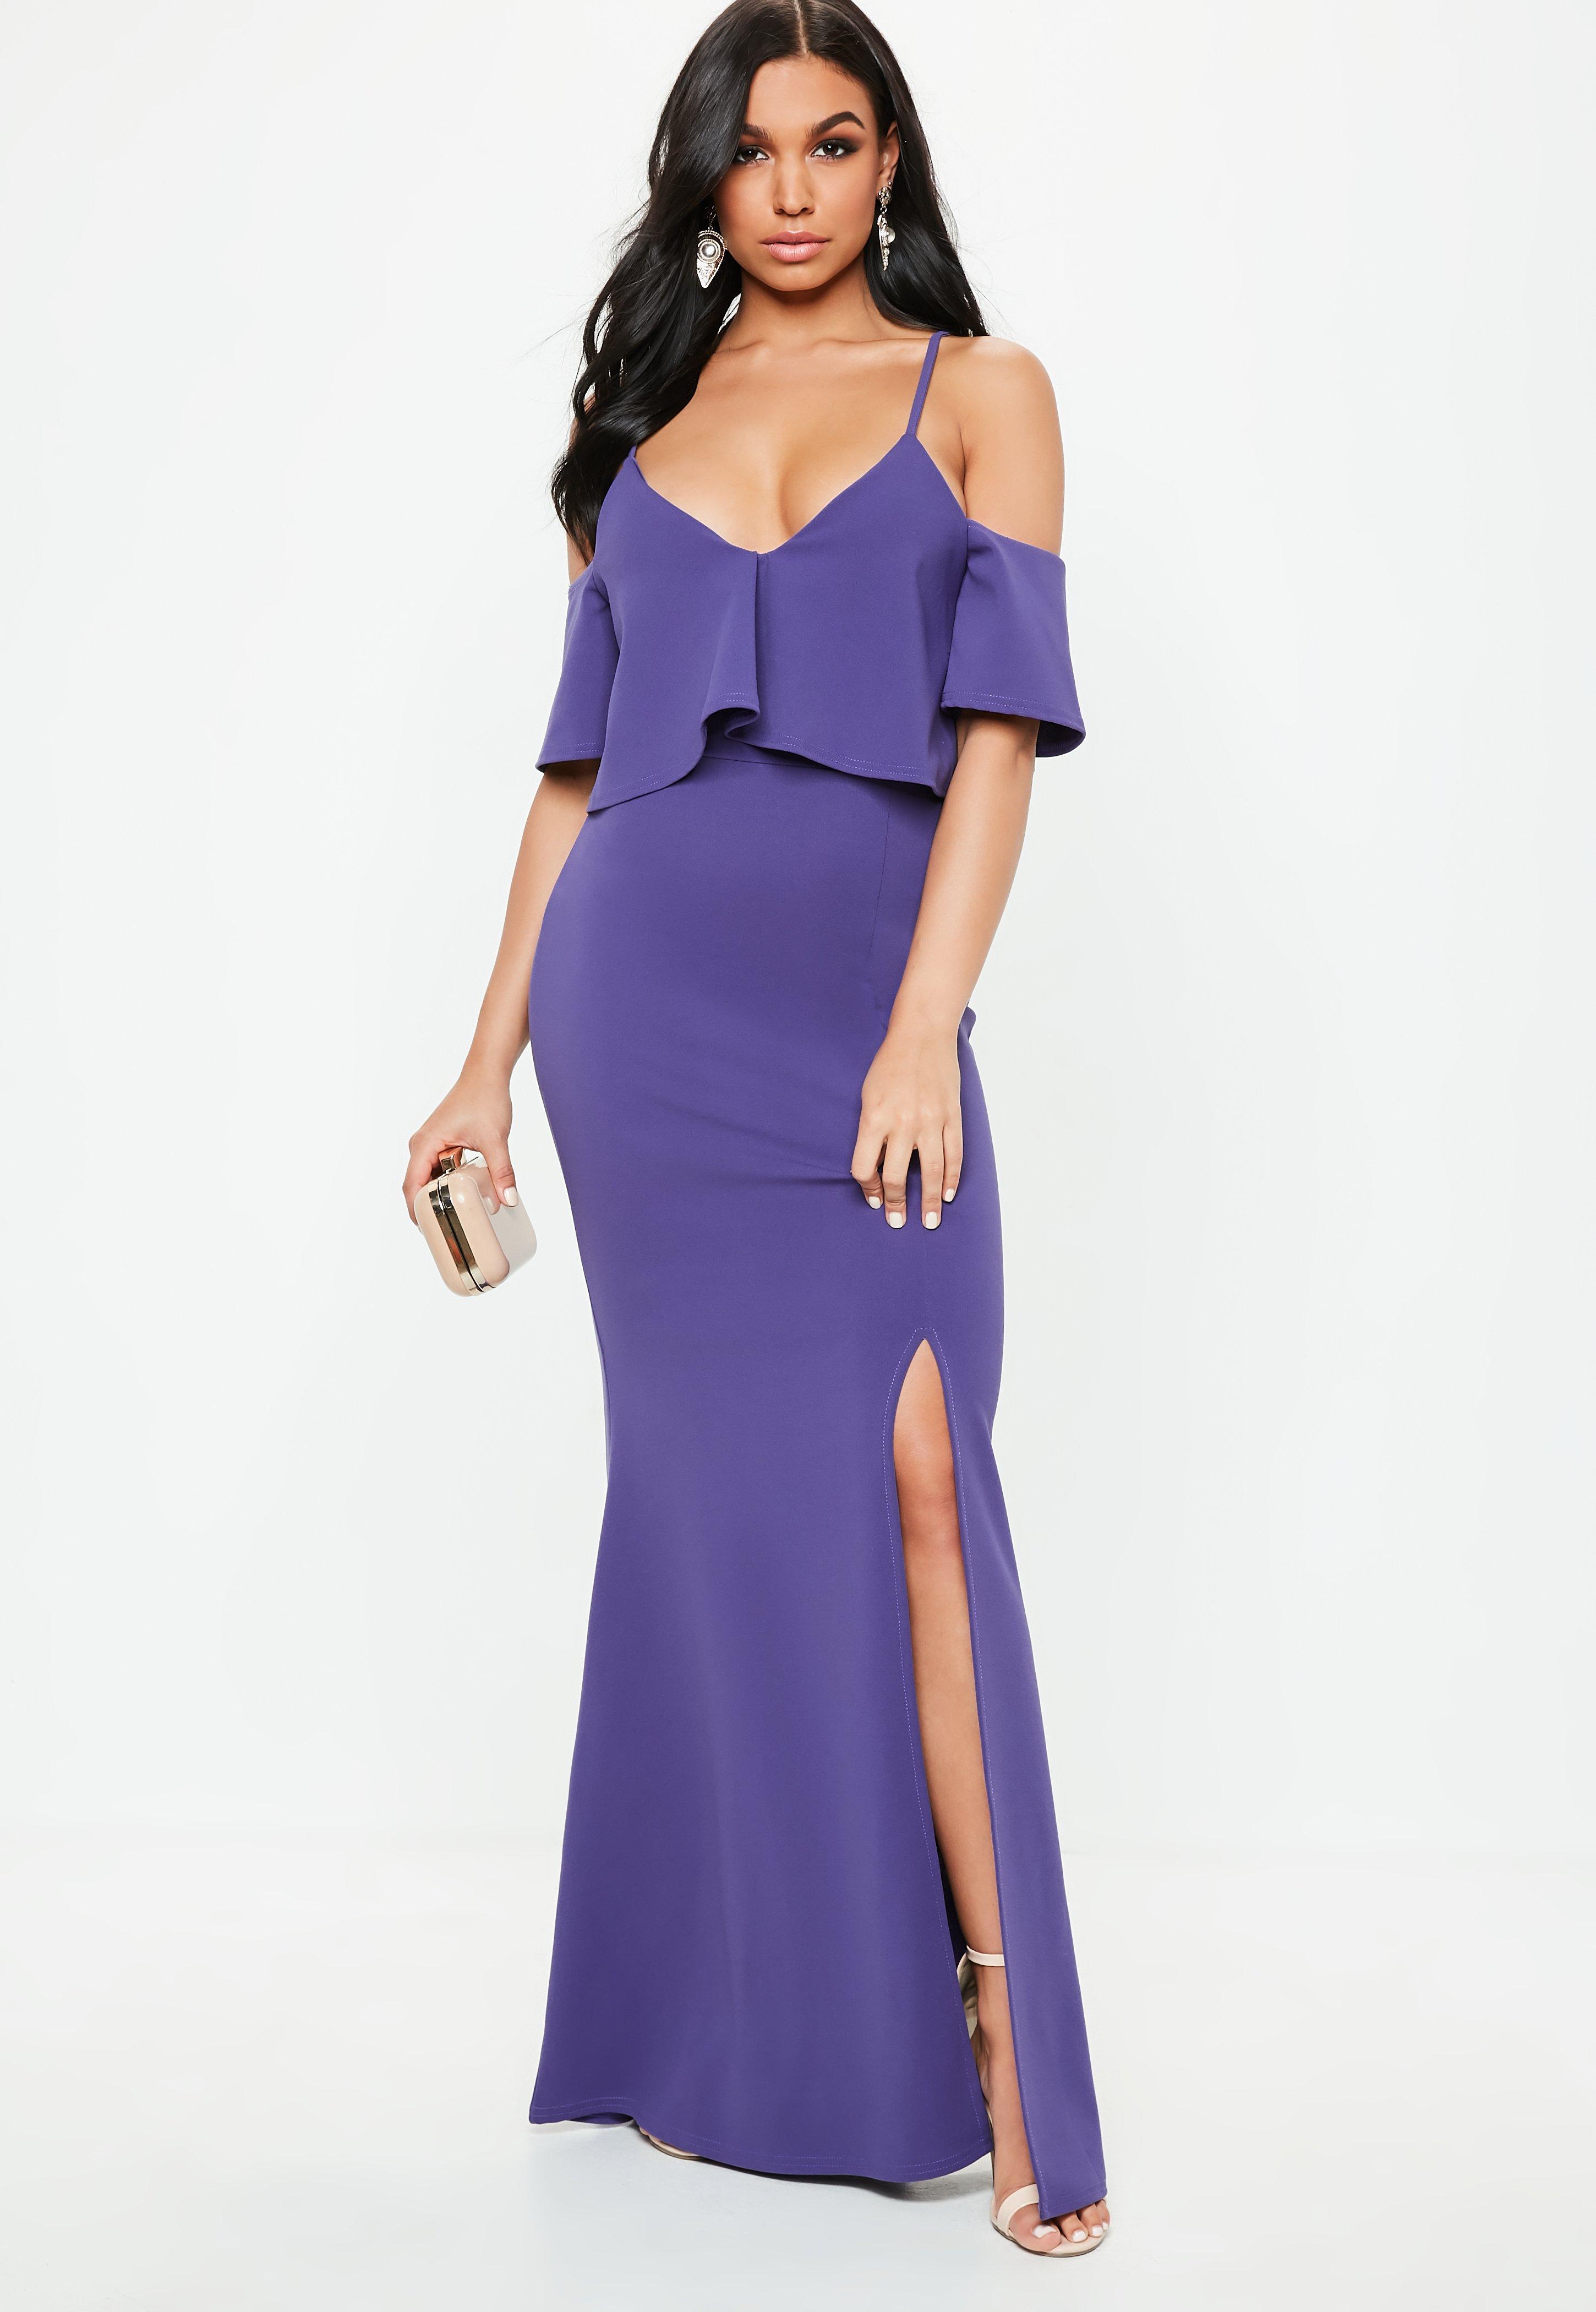 Cheap Dresses - Sale & Discount AUS - Missguided